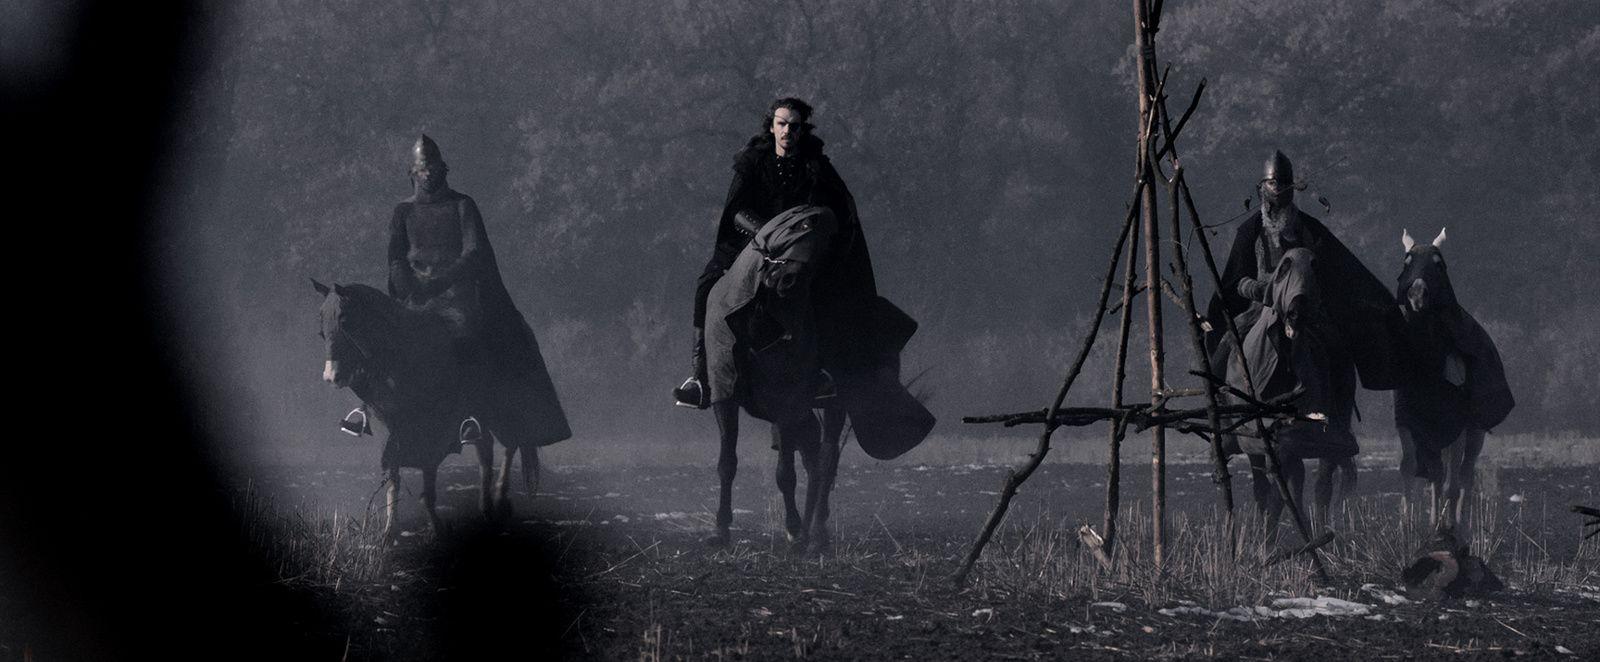 Sword of vengeance (2015) (BANDE ANNONCE) avec Stanley Weber, Ed Skrein, Annabelle Wallis, Karel Roden